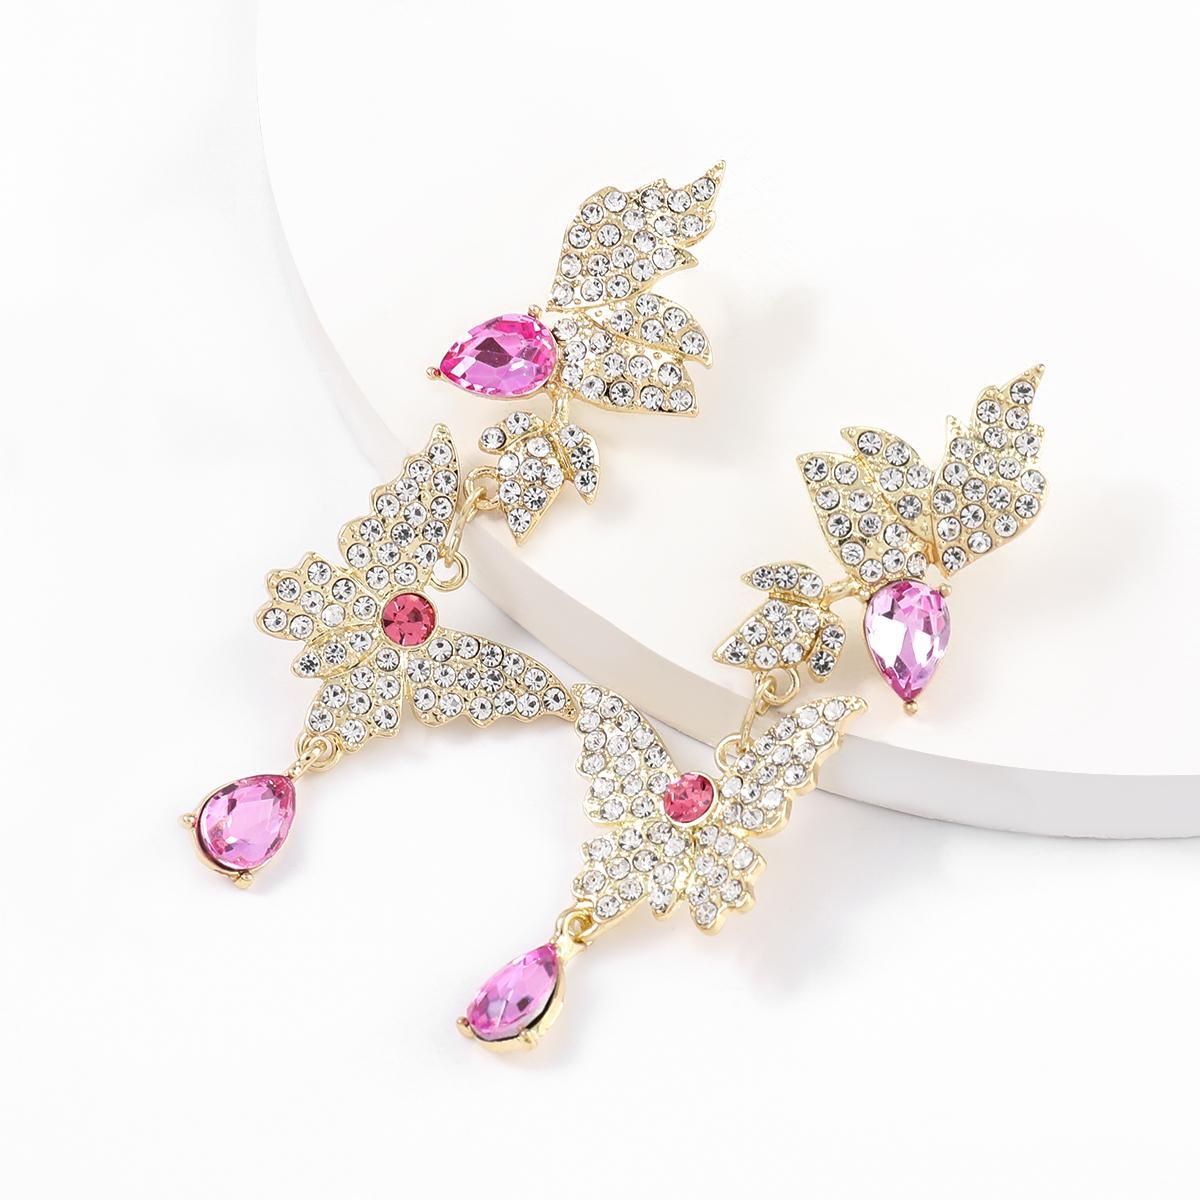 Jijiawenhua nouvelle tendance dames strass papillon forme pendentif boucles d'oreilles dîner fête boucles d'oreilles bijoux